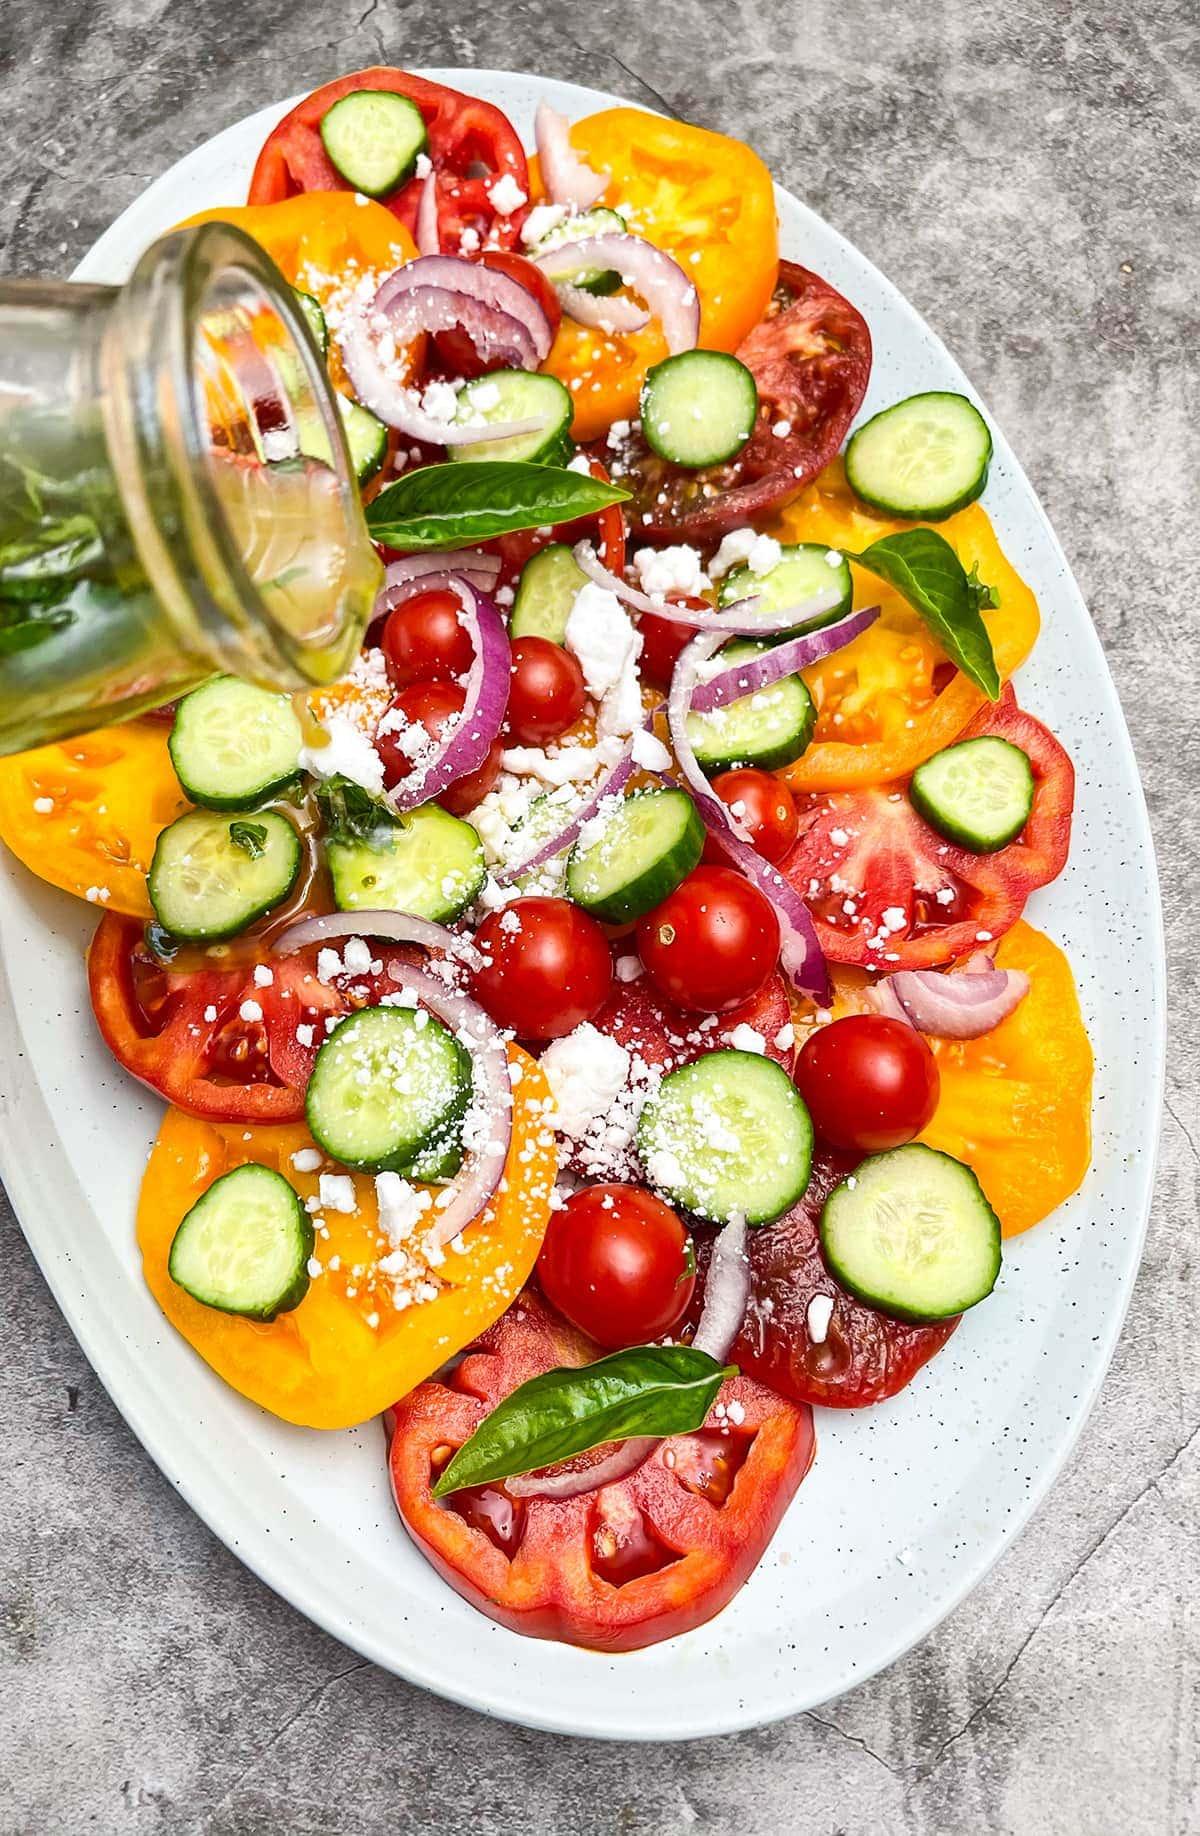 heirloom salad, pouring salad dressing